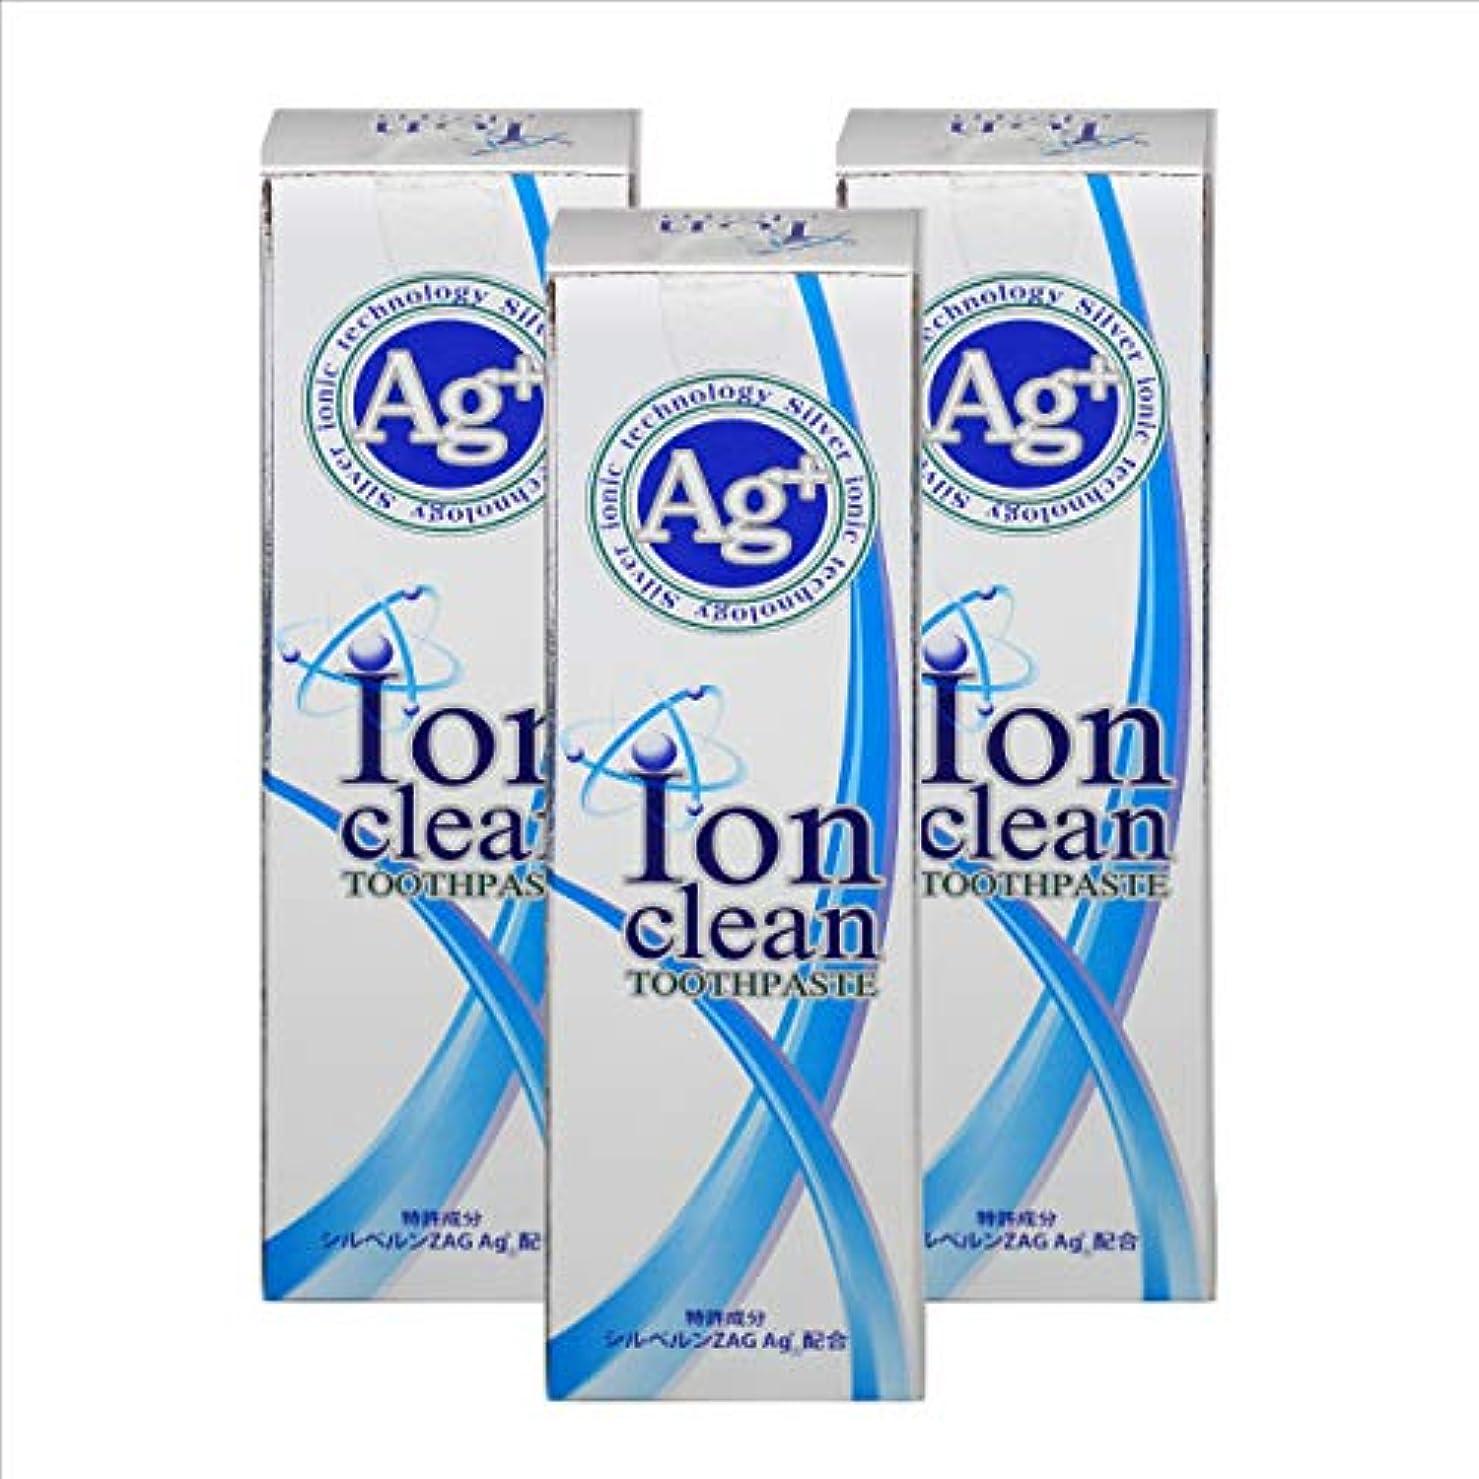 銀イオン配合歯磨き粉イオンクリーン 100g 3本セット(電動歯ブラシ特典つき) 口臭対策?歯周病ケアにおすすめ